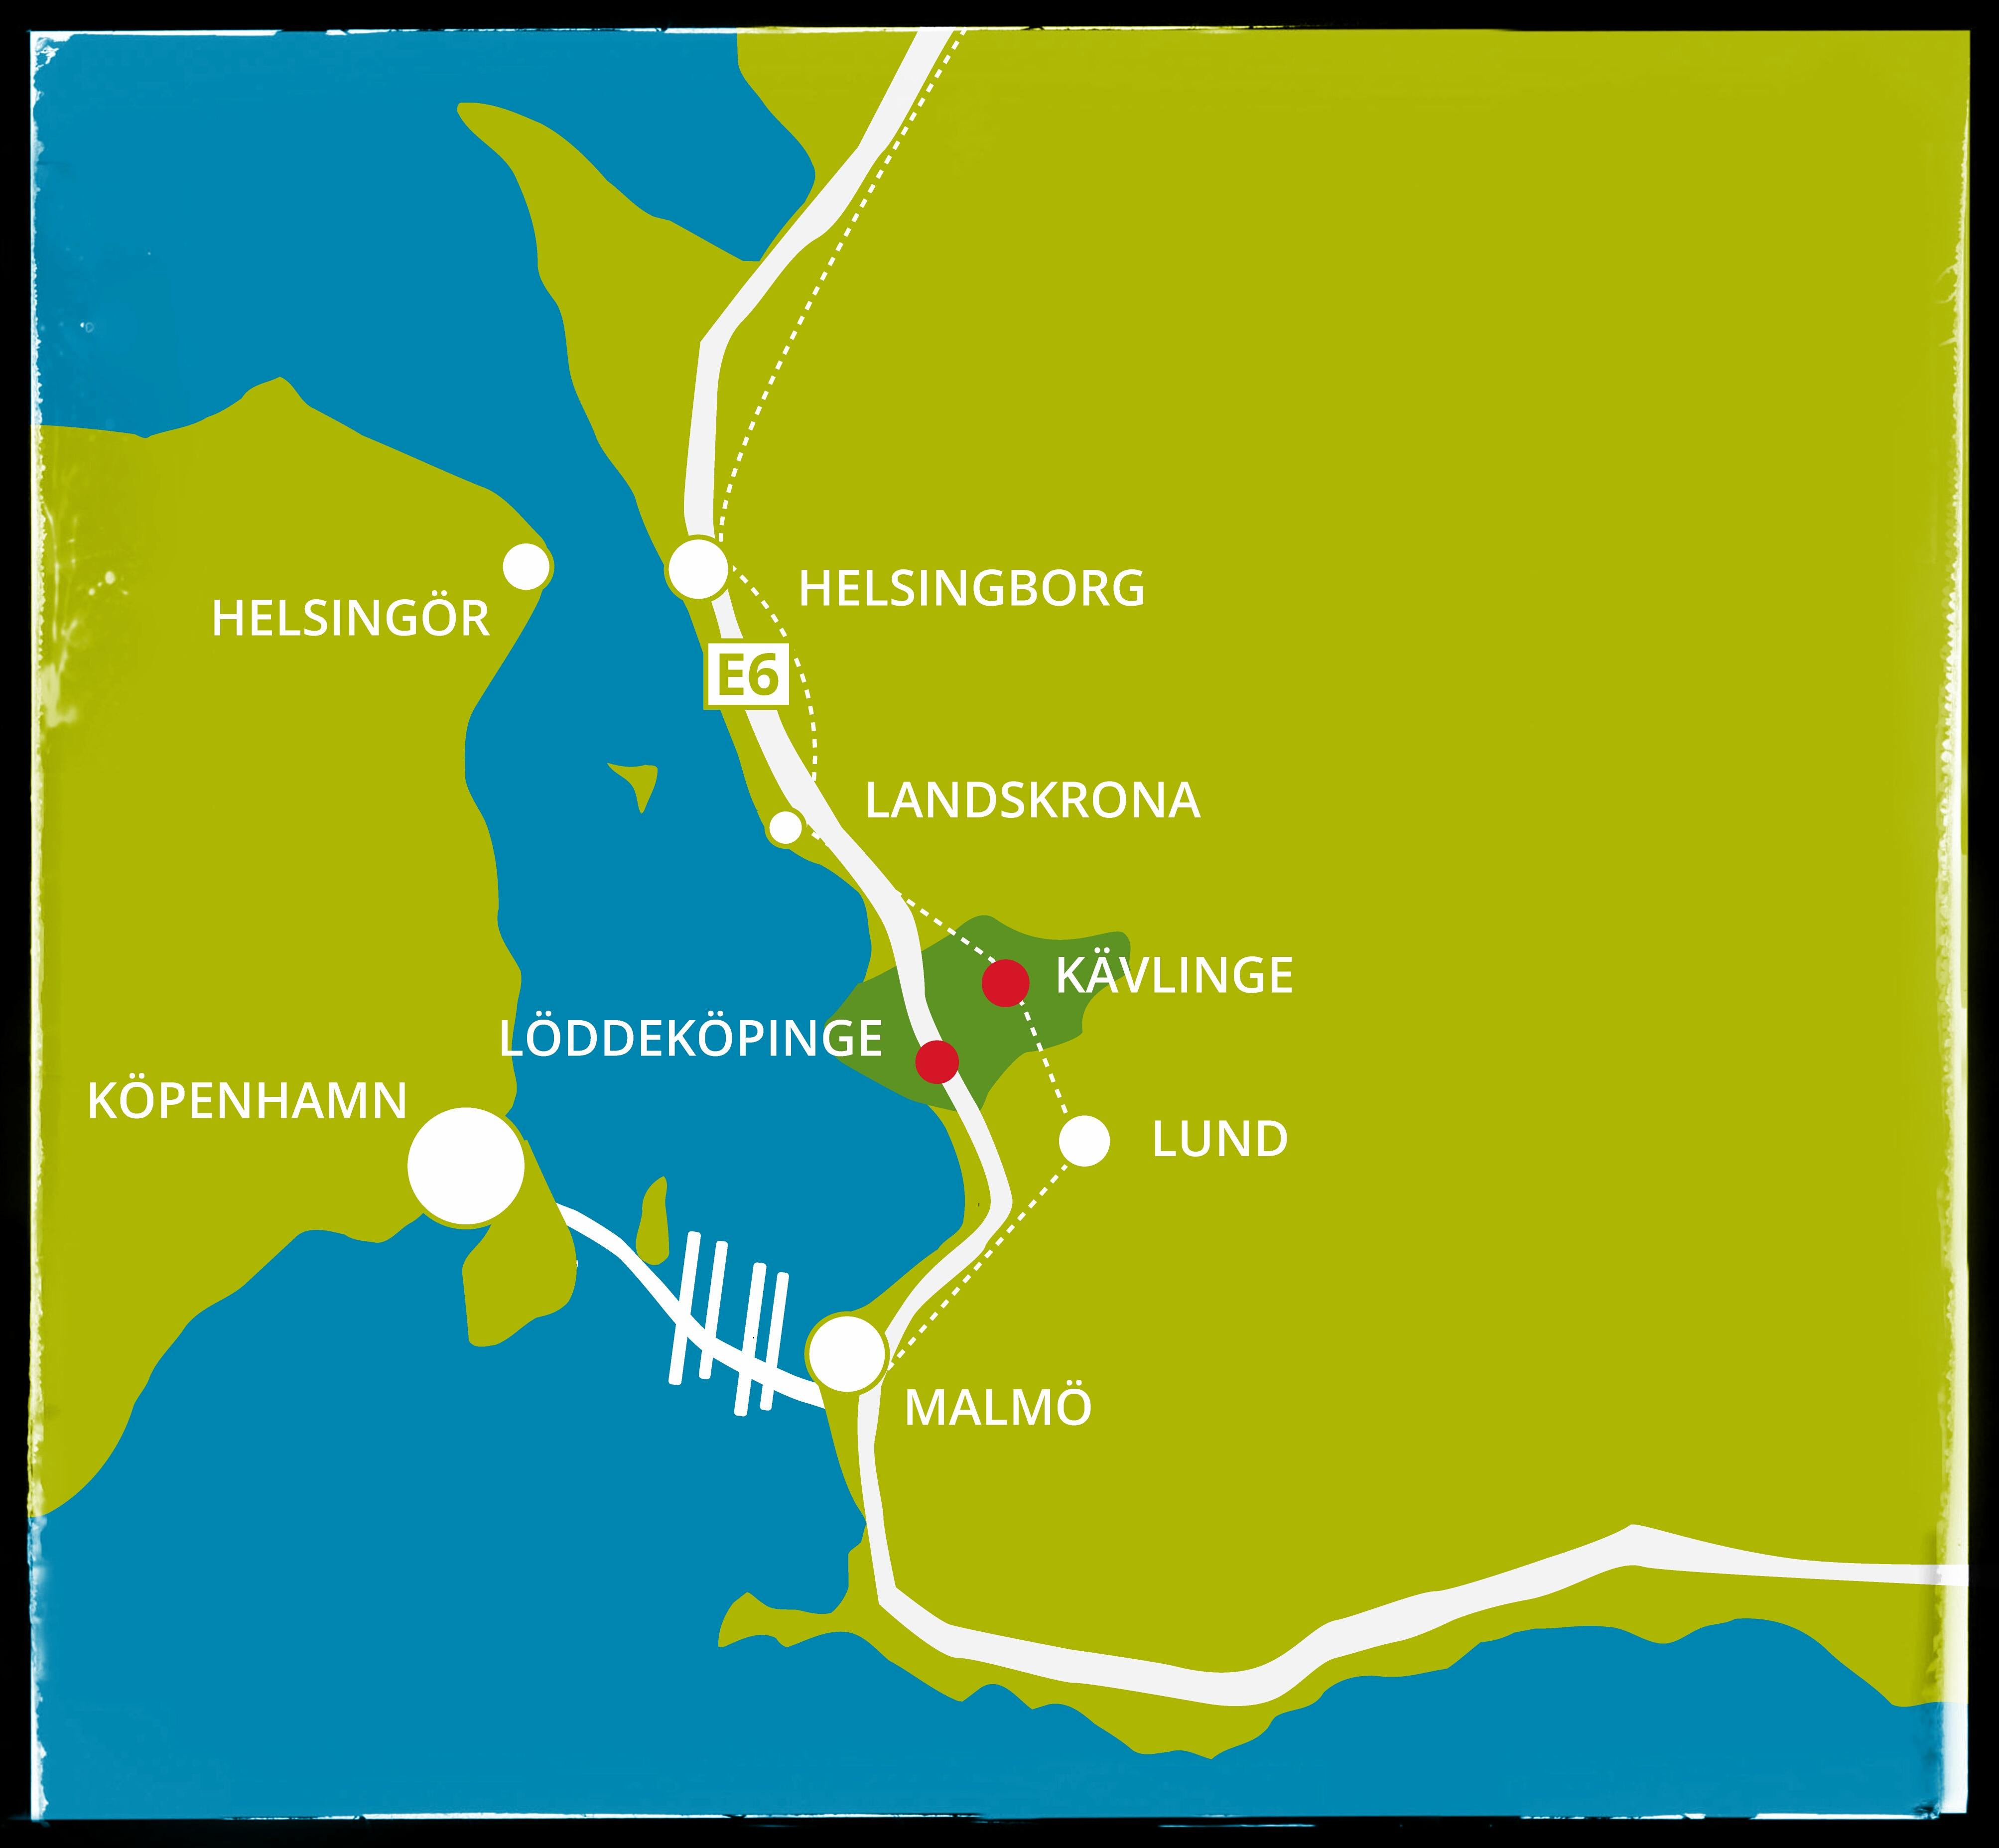 Karta Skane Och Danmark.Loddekopinge Constrictor Vision